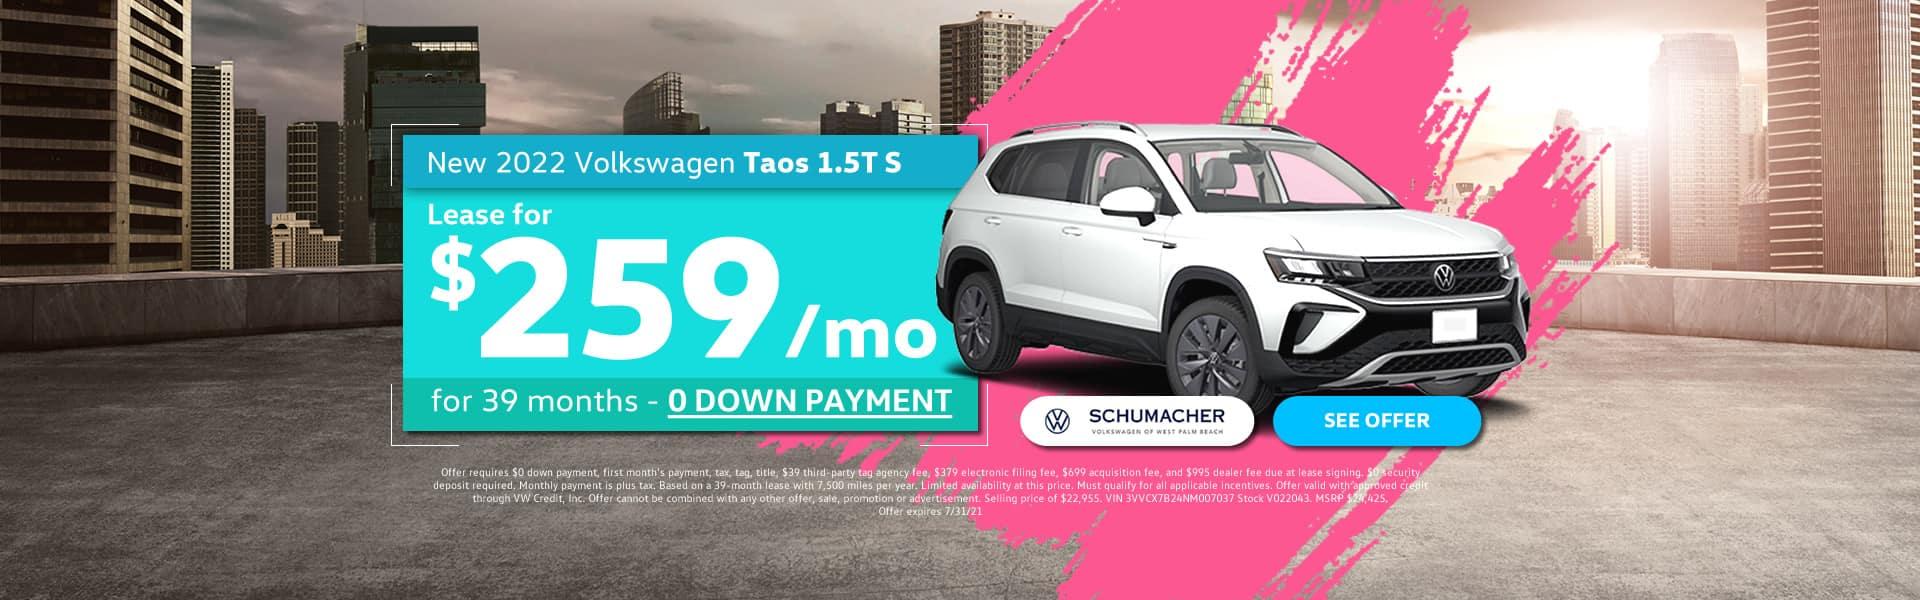 taos-new